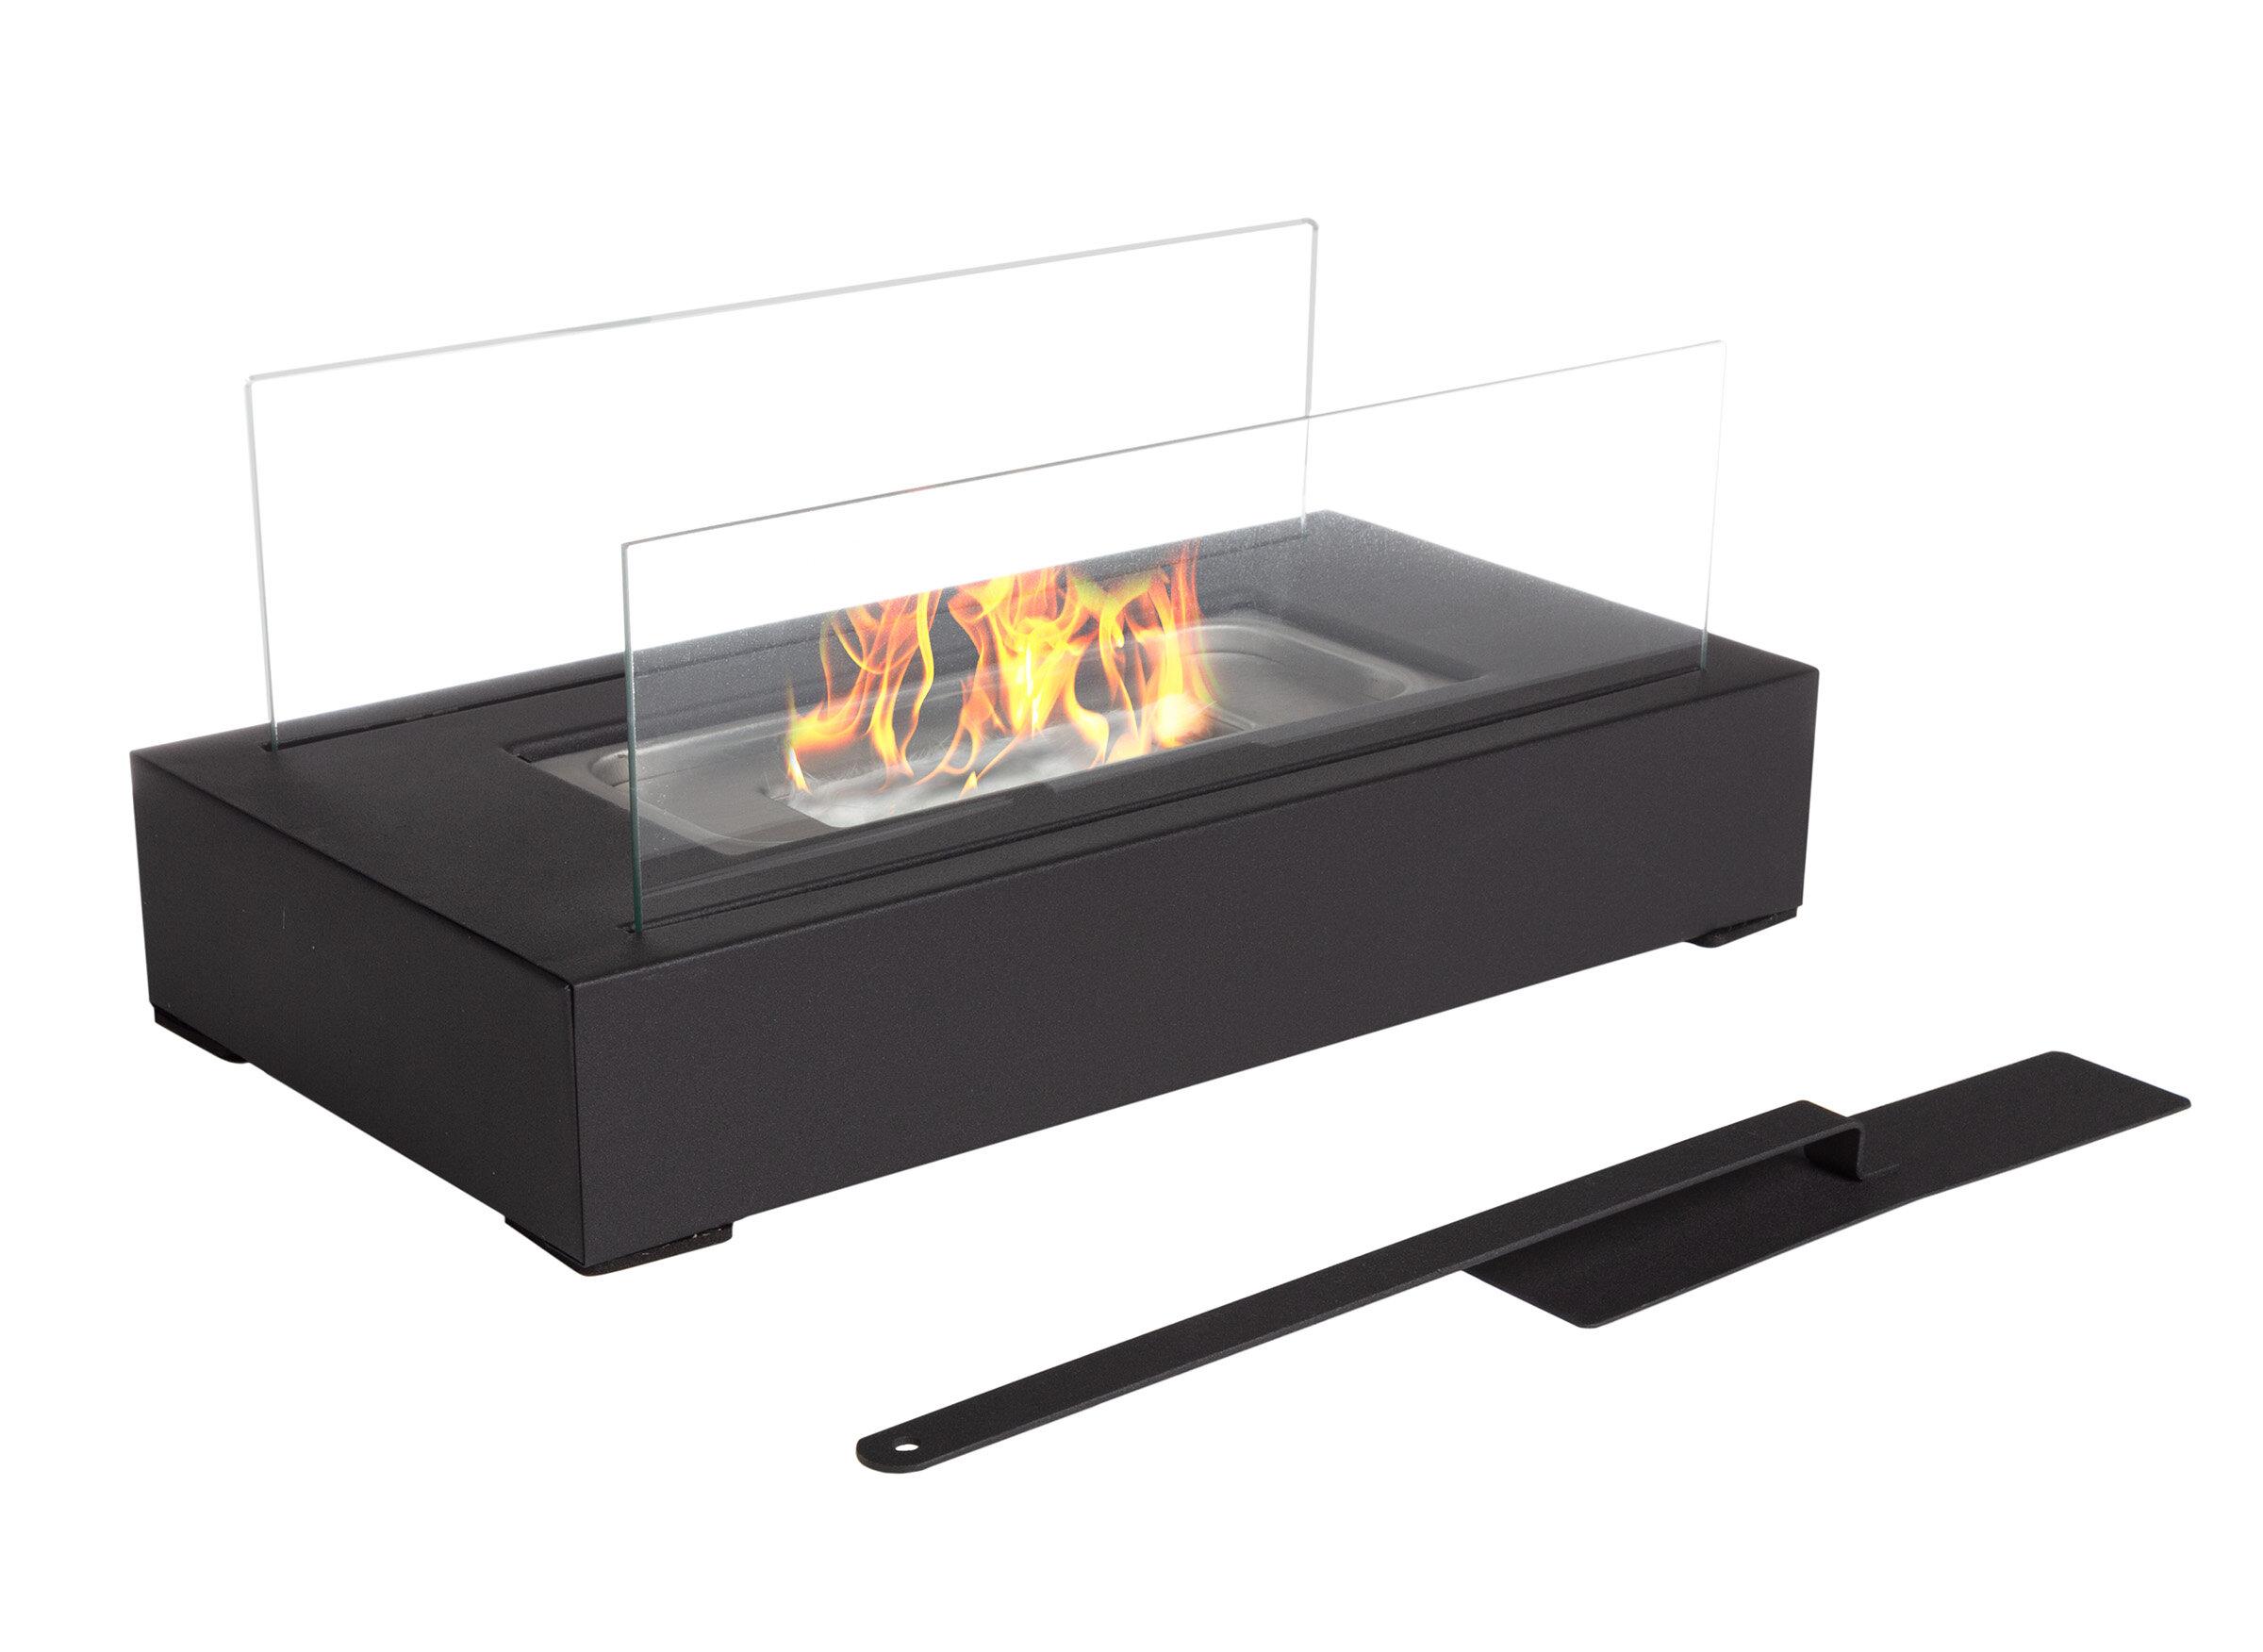 Bio Ethanol Tabletop Fireplace Fuel Ventless Heater Burner Indoor